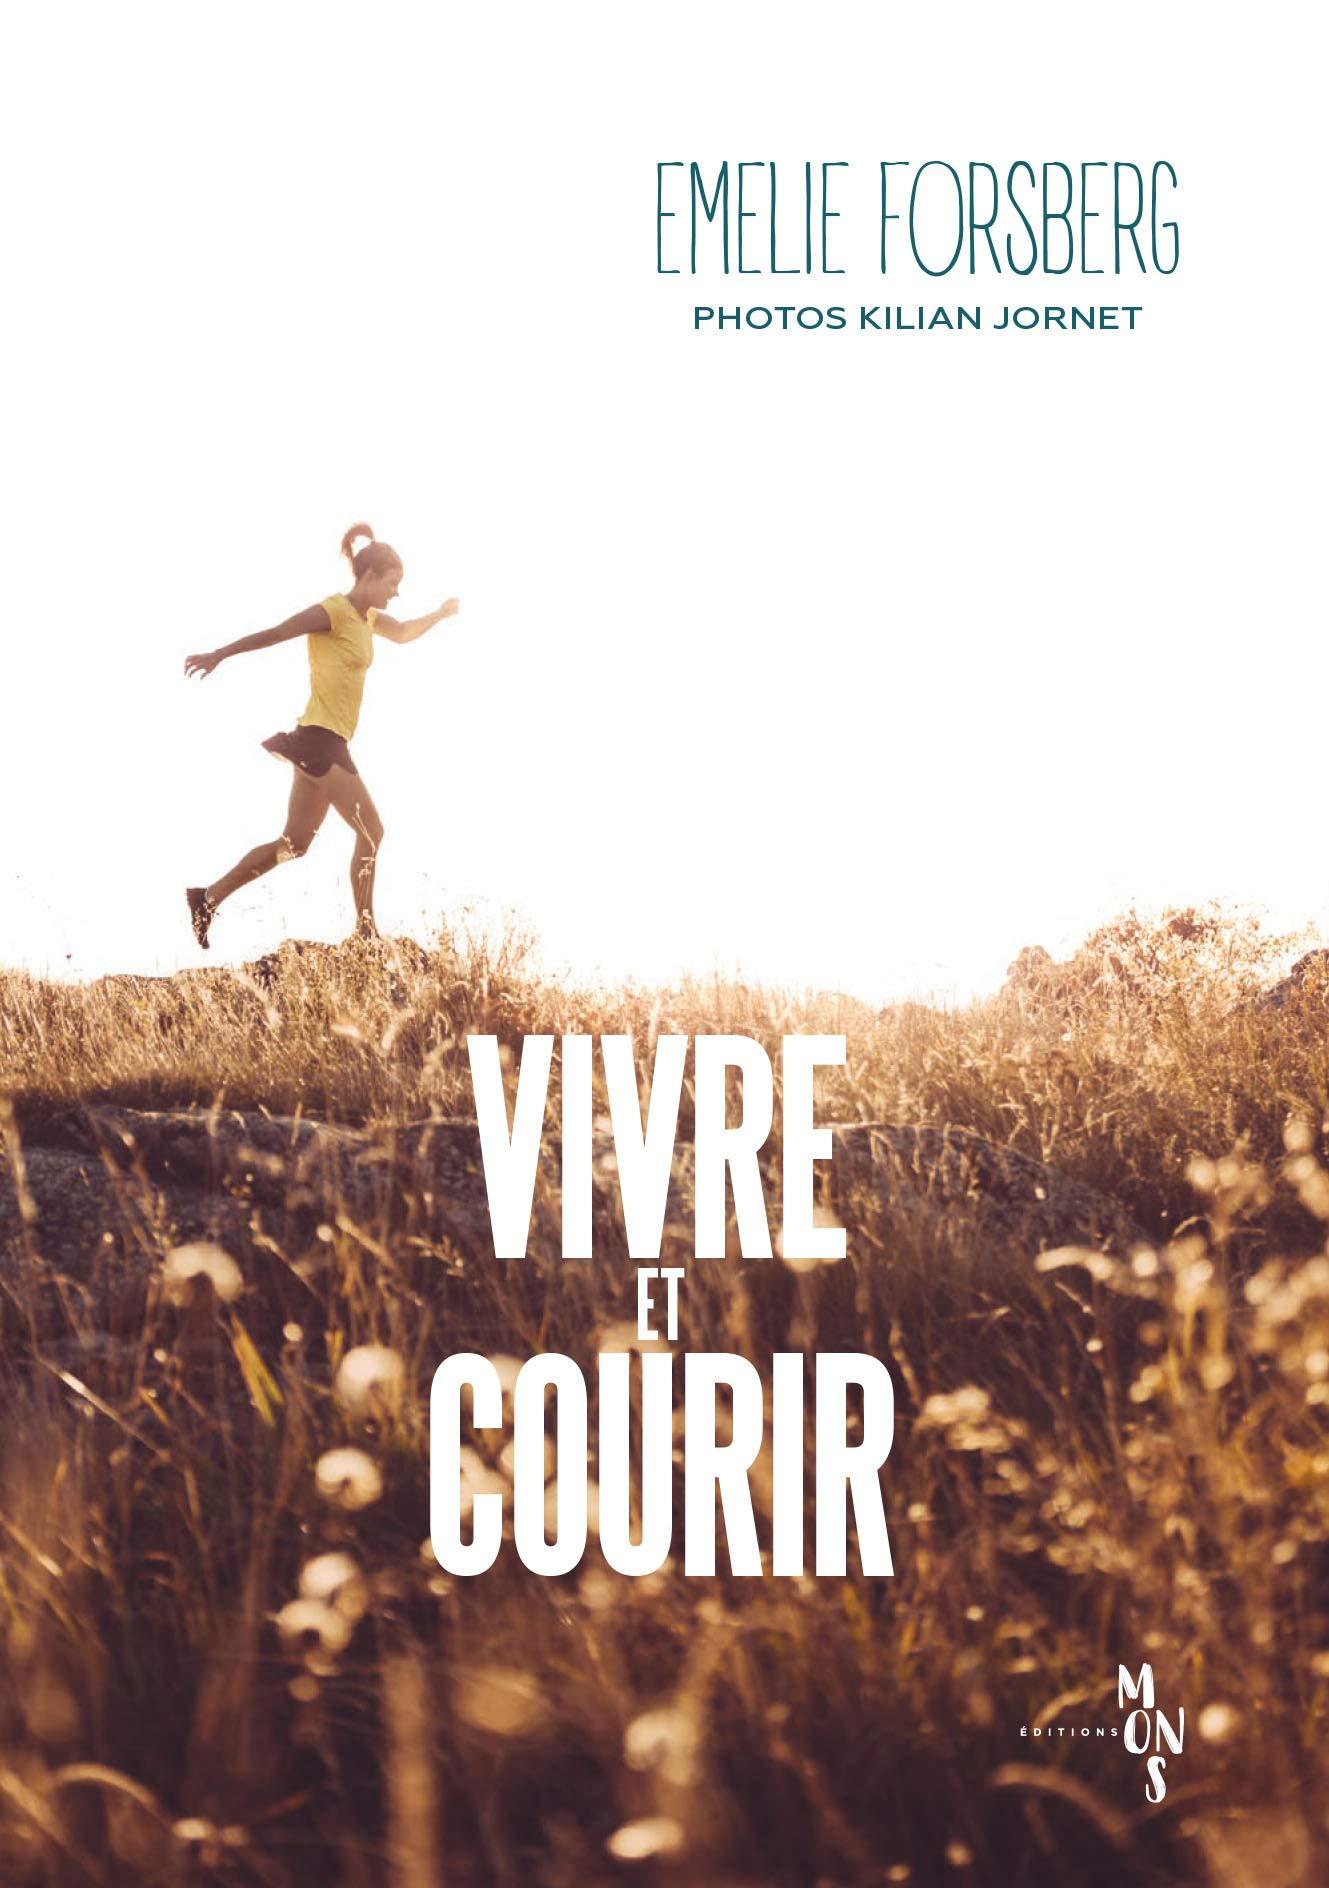 Vivre et courir: Amazon.es: Forsberg, Emelie, Jornet, Kilian ...